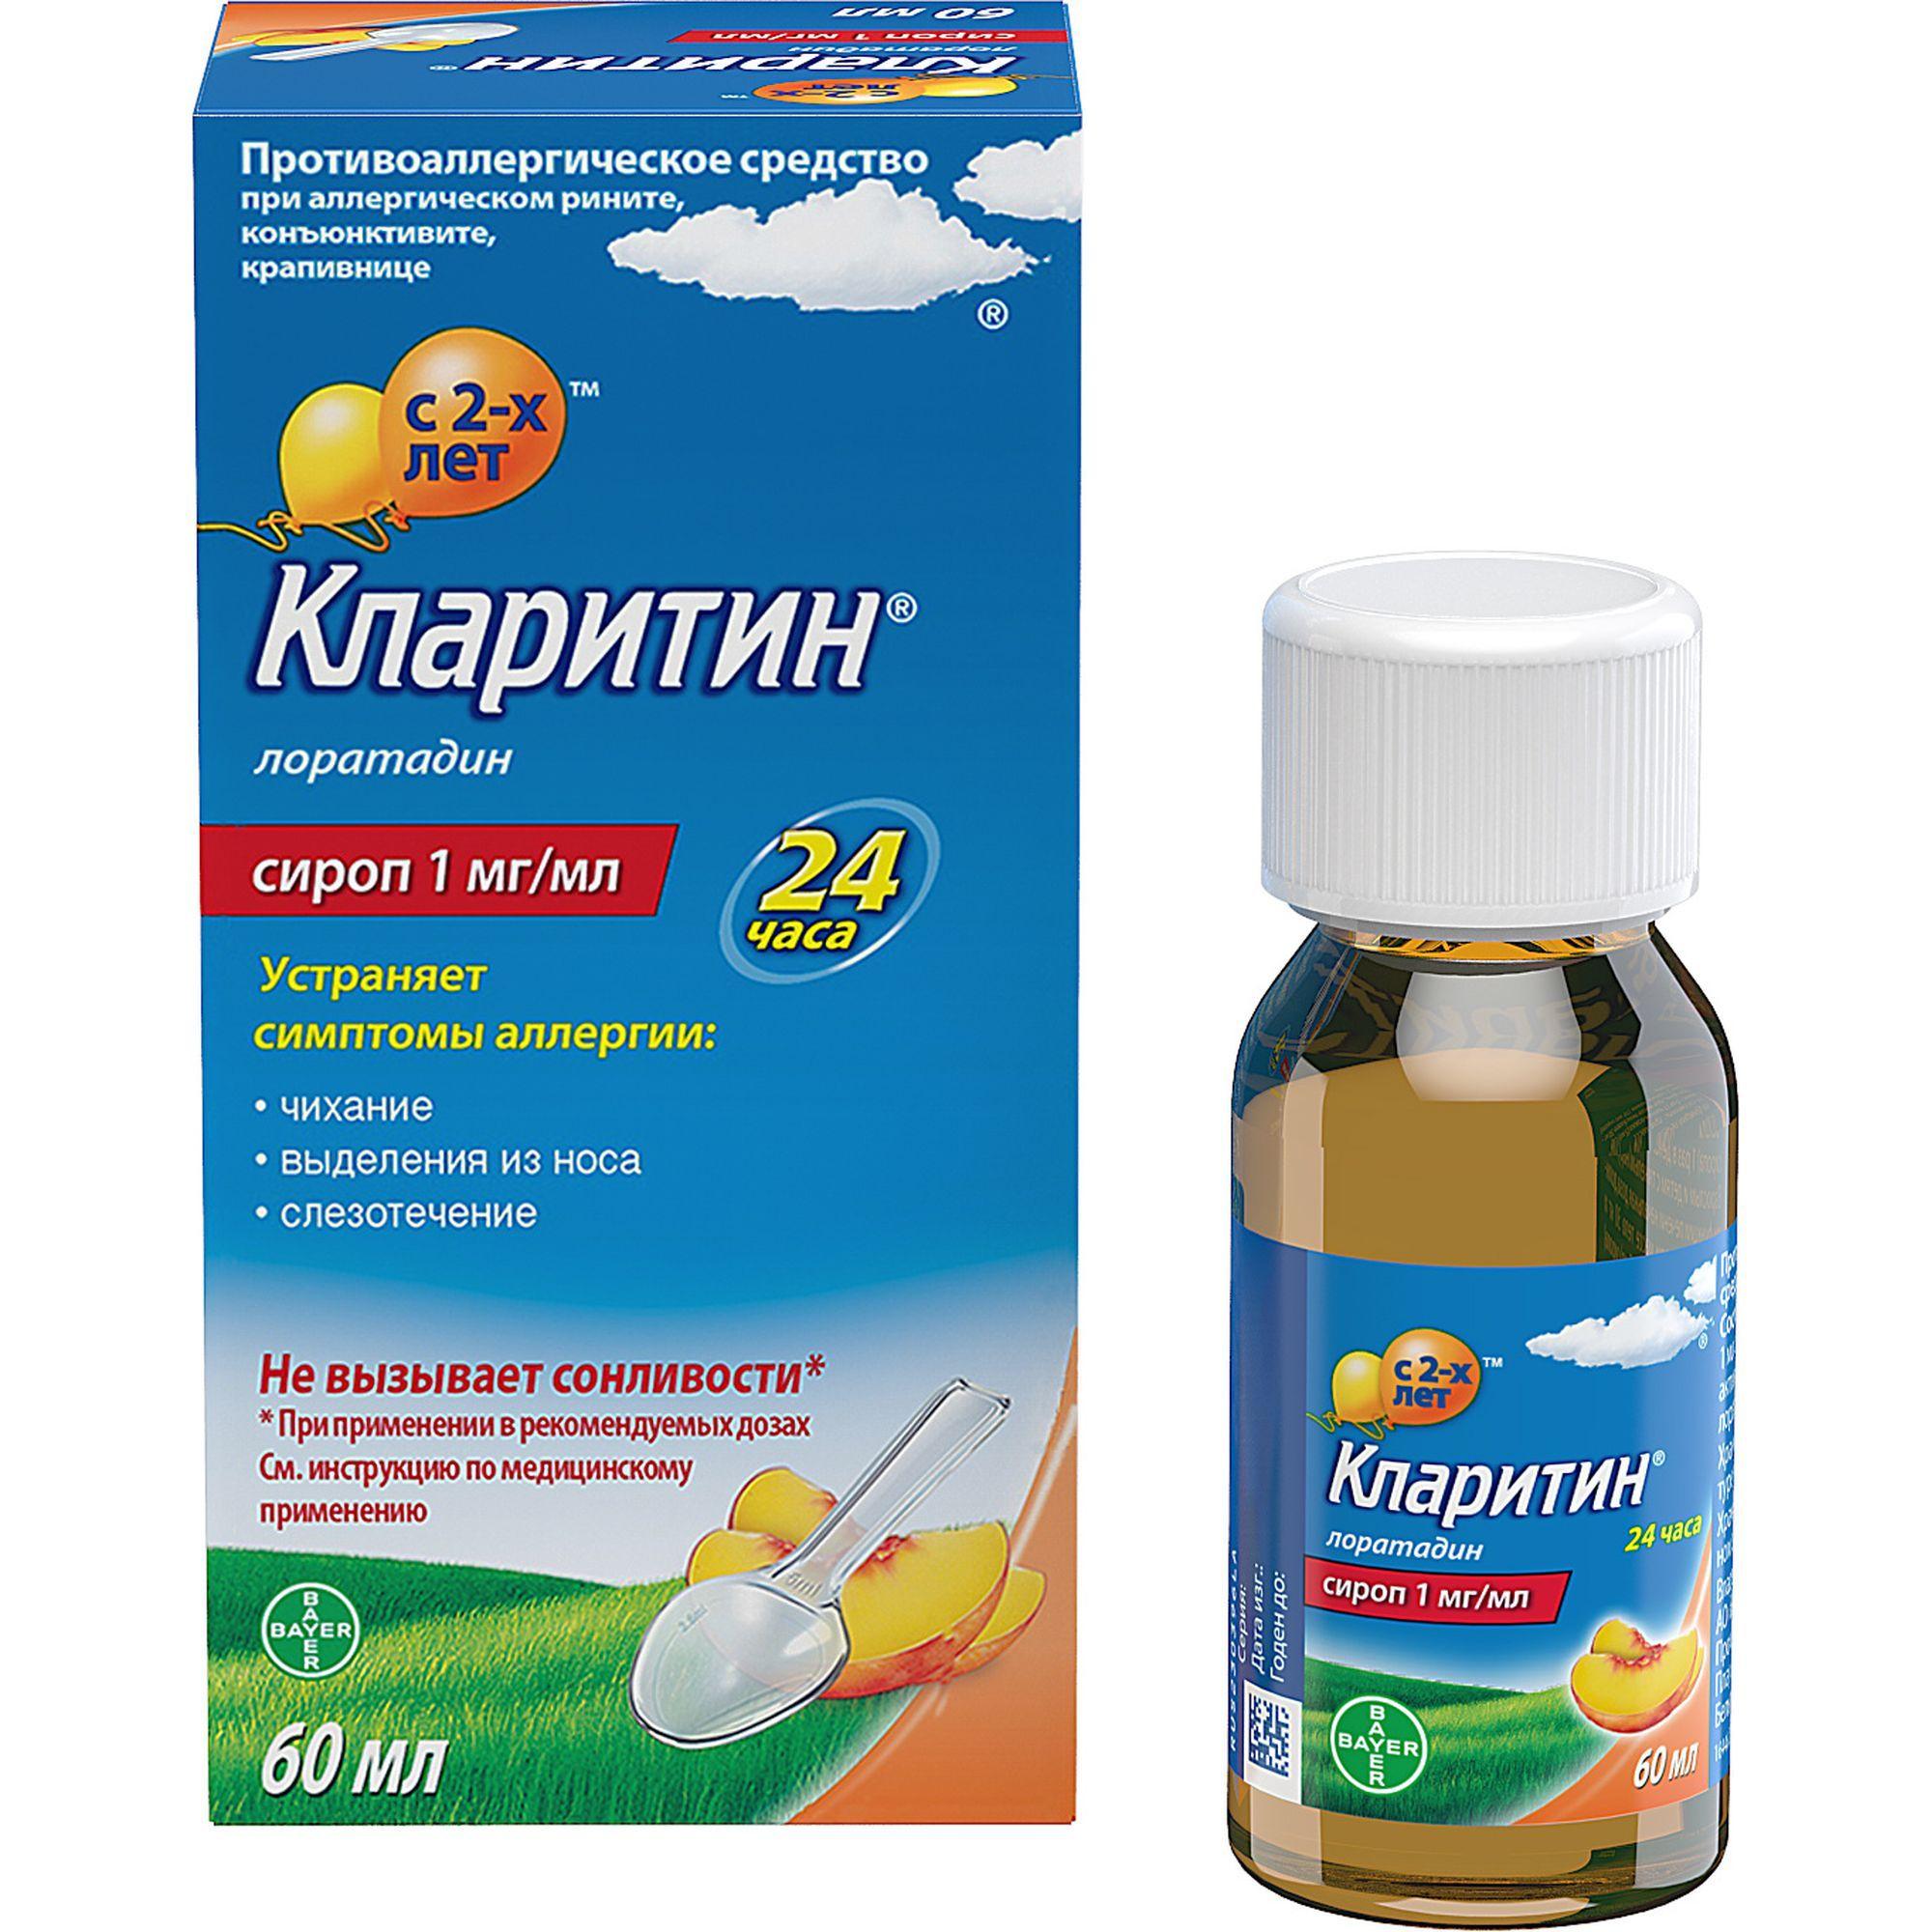 Кларитин, 1 мг/мл, сироп, 60 мл, 1 шт.